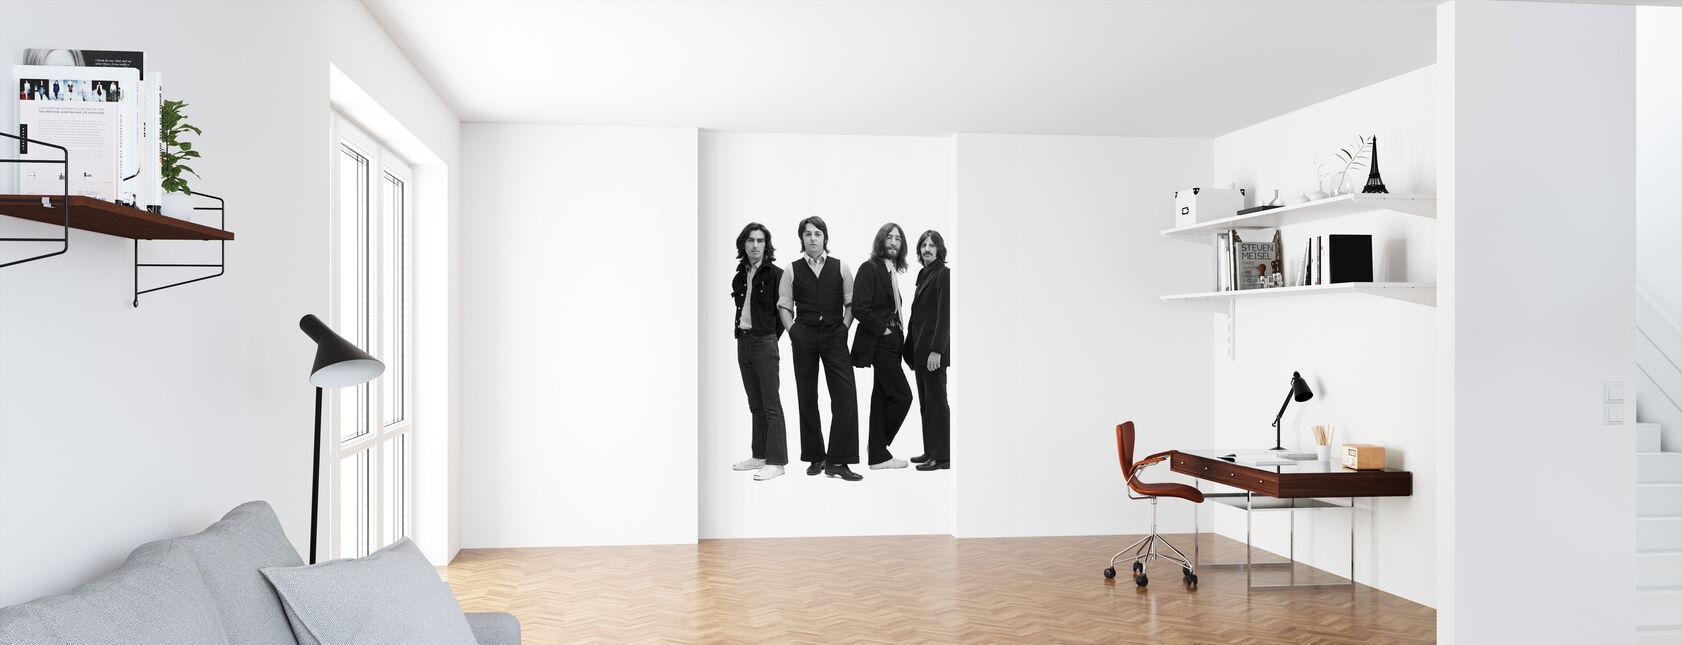 Les Beatles - Pose - Papier peint - Bureau